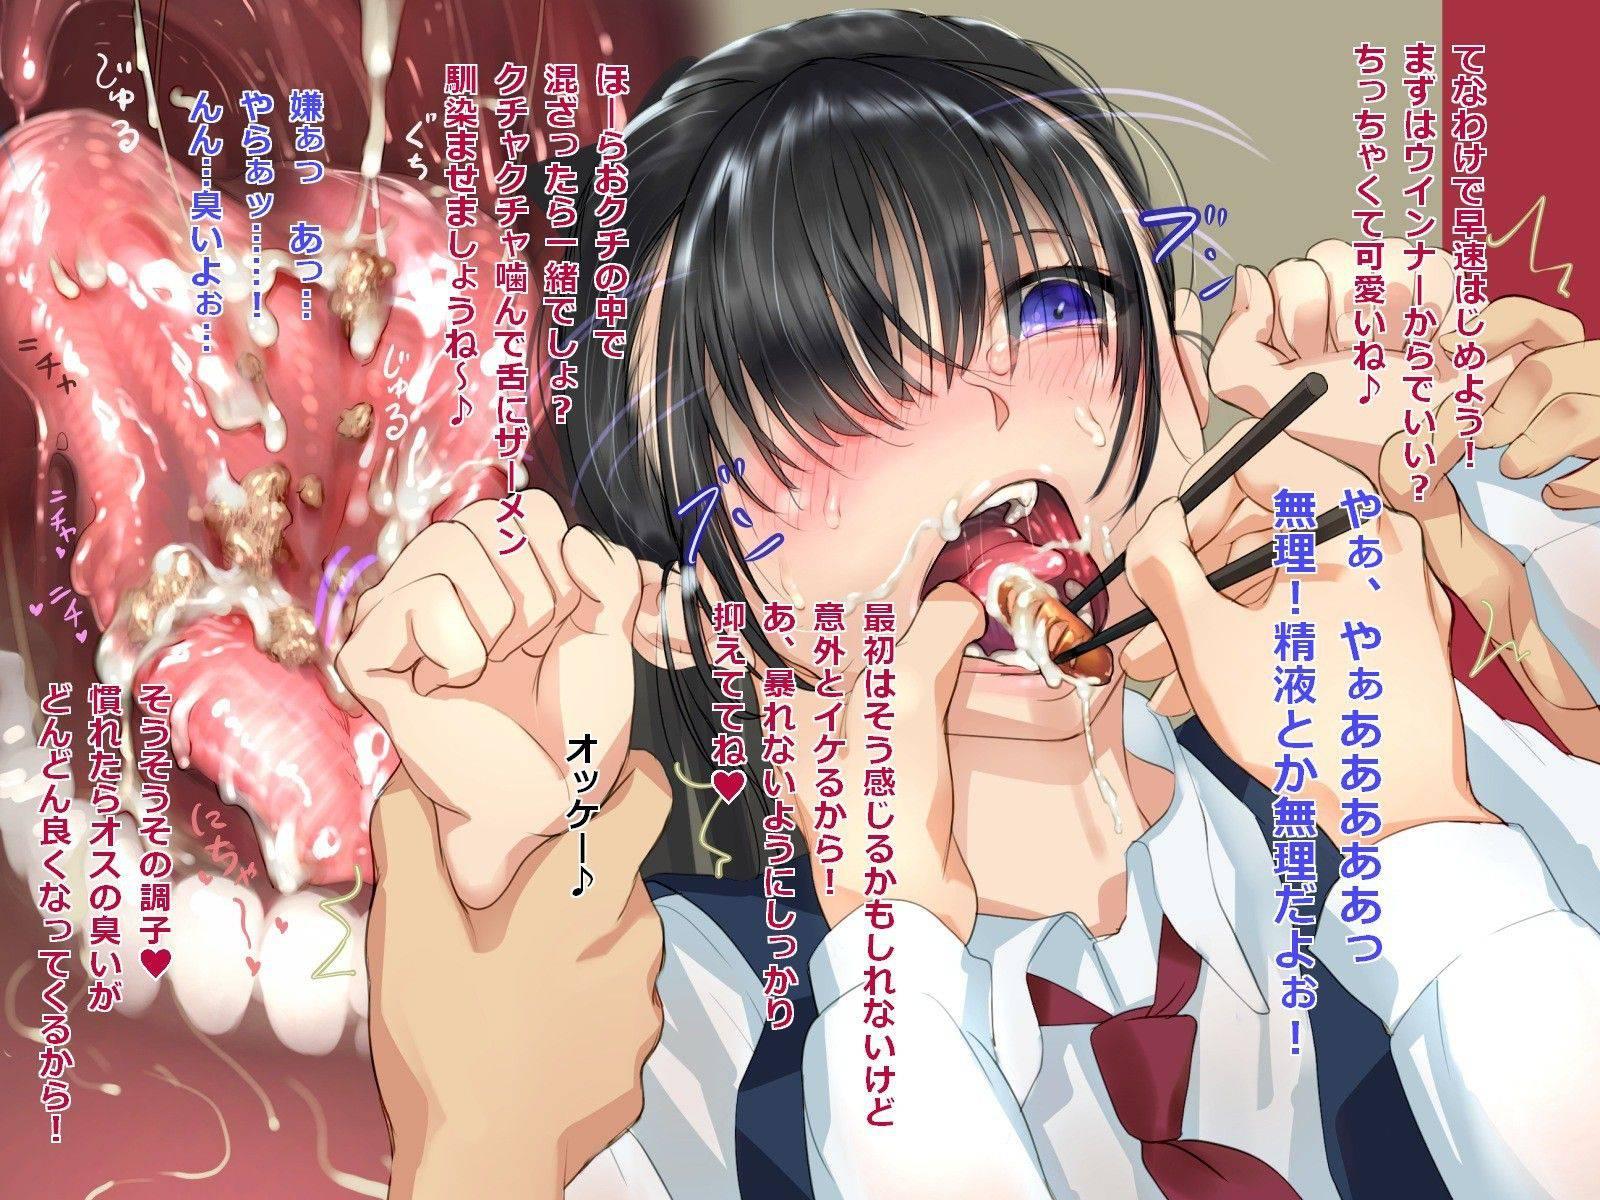 【食ザー】精液ぶっかけた食べ物を無理矢理食わされてる二次エロ画像【20】